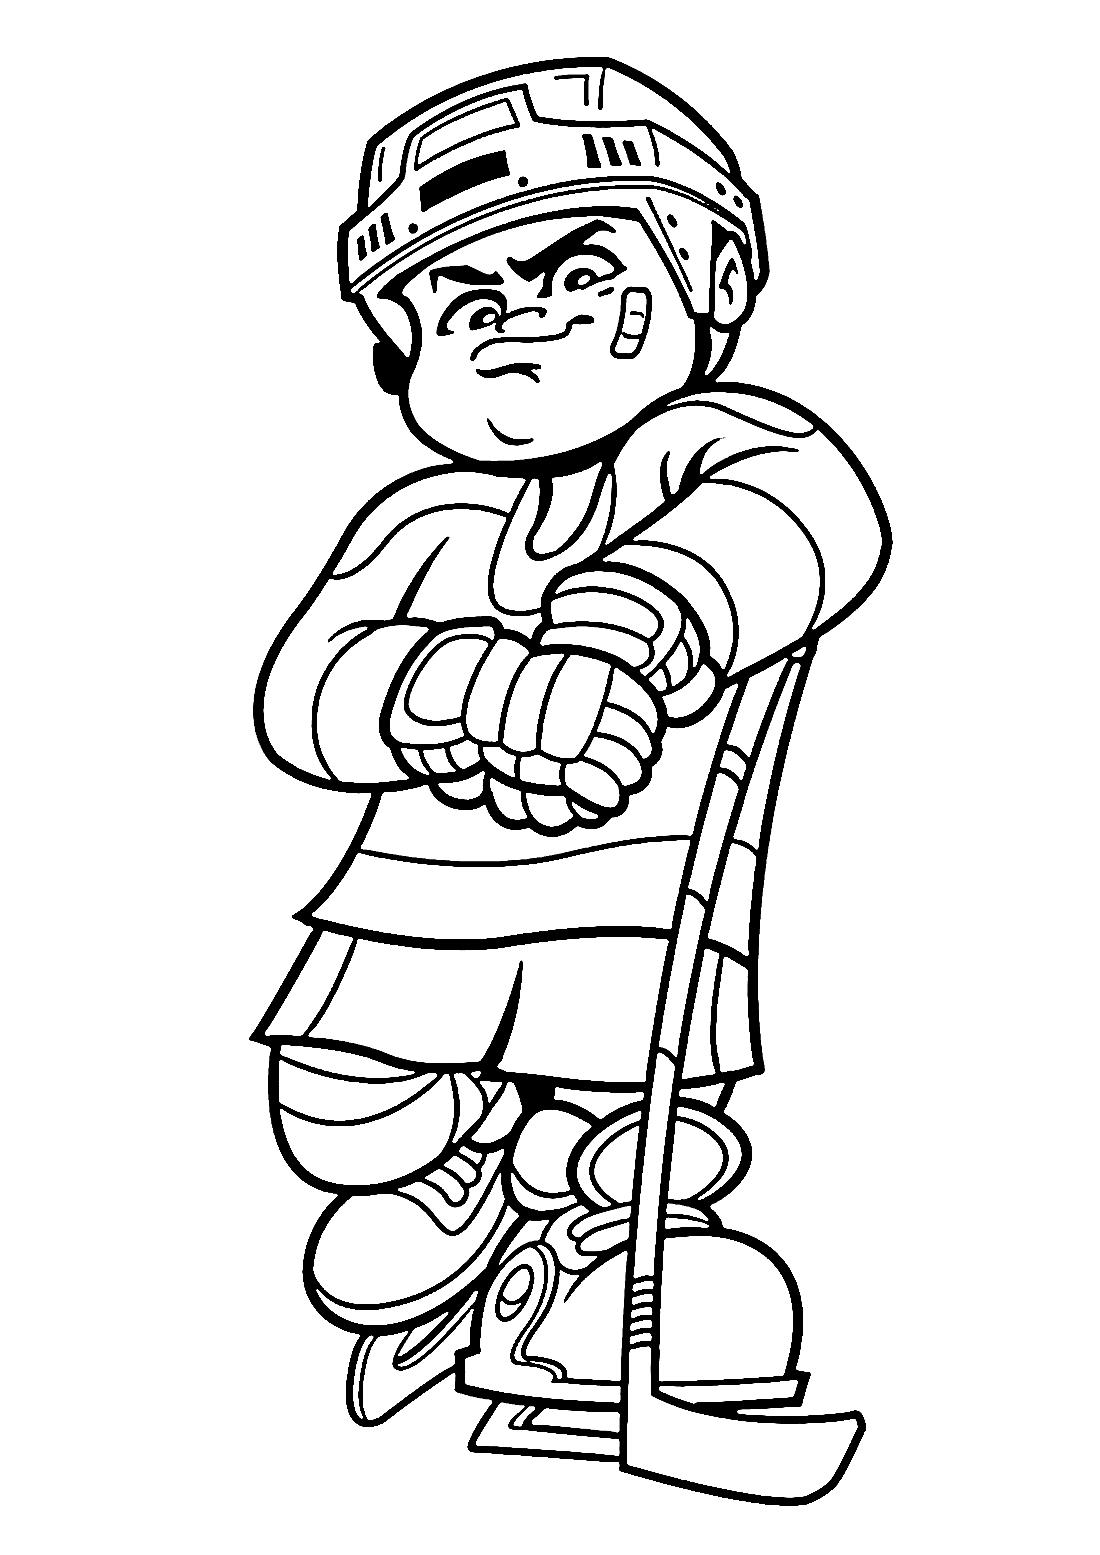 спортсмен с клюшкой раскраска 10931 Printonic Ru